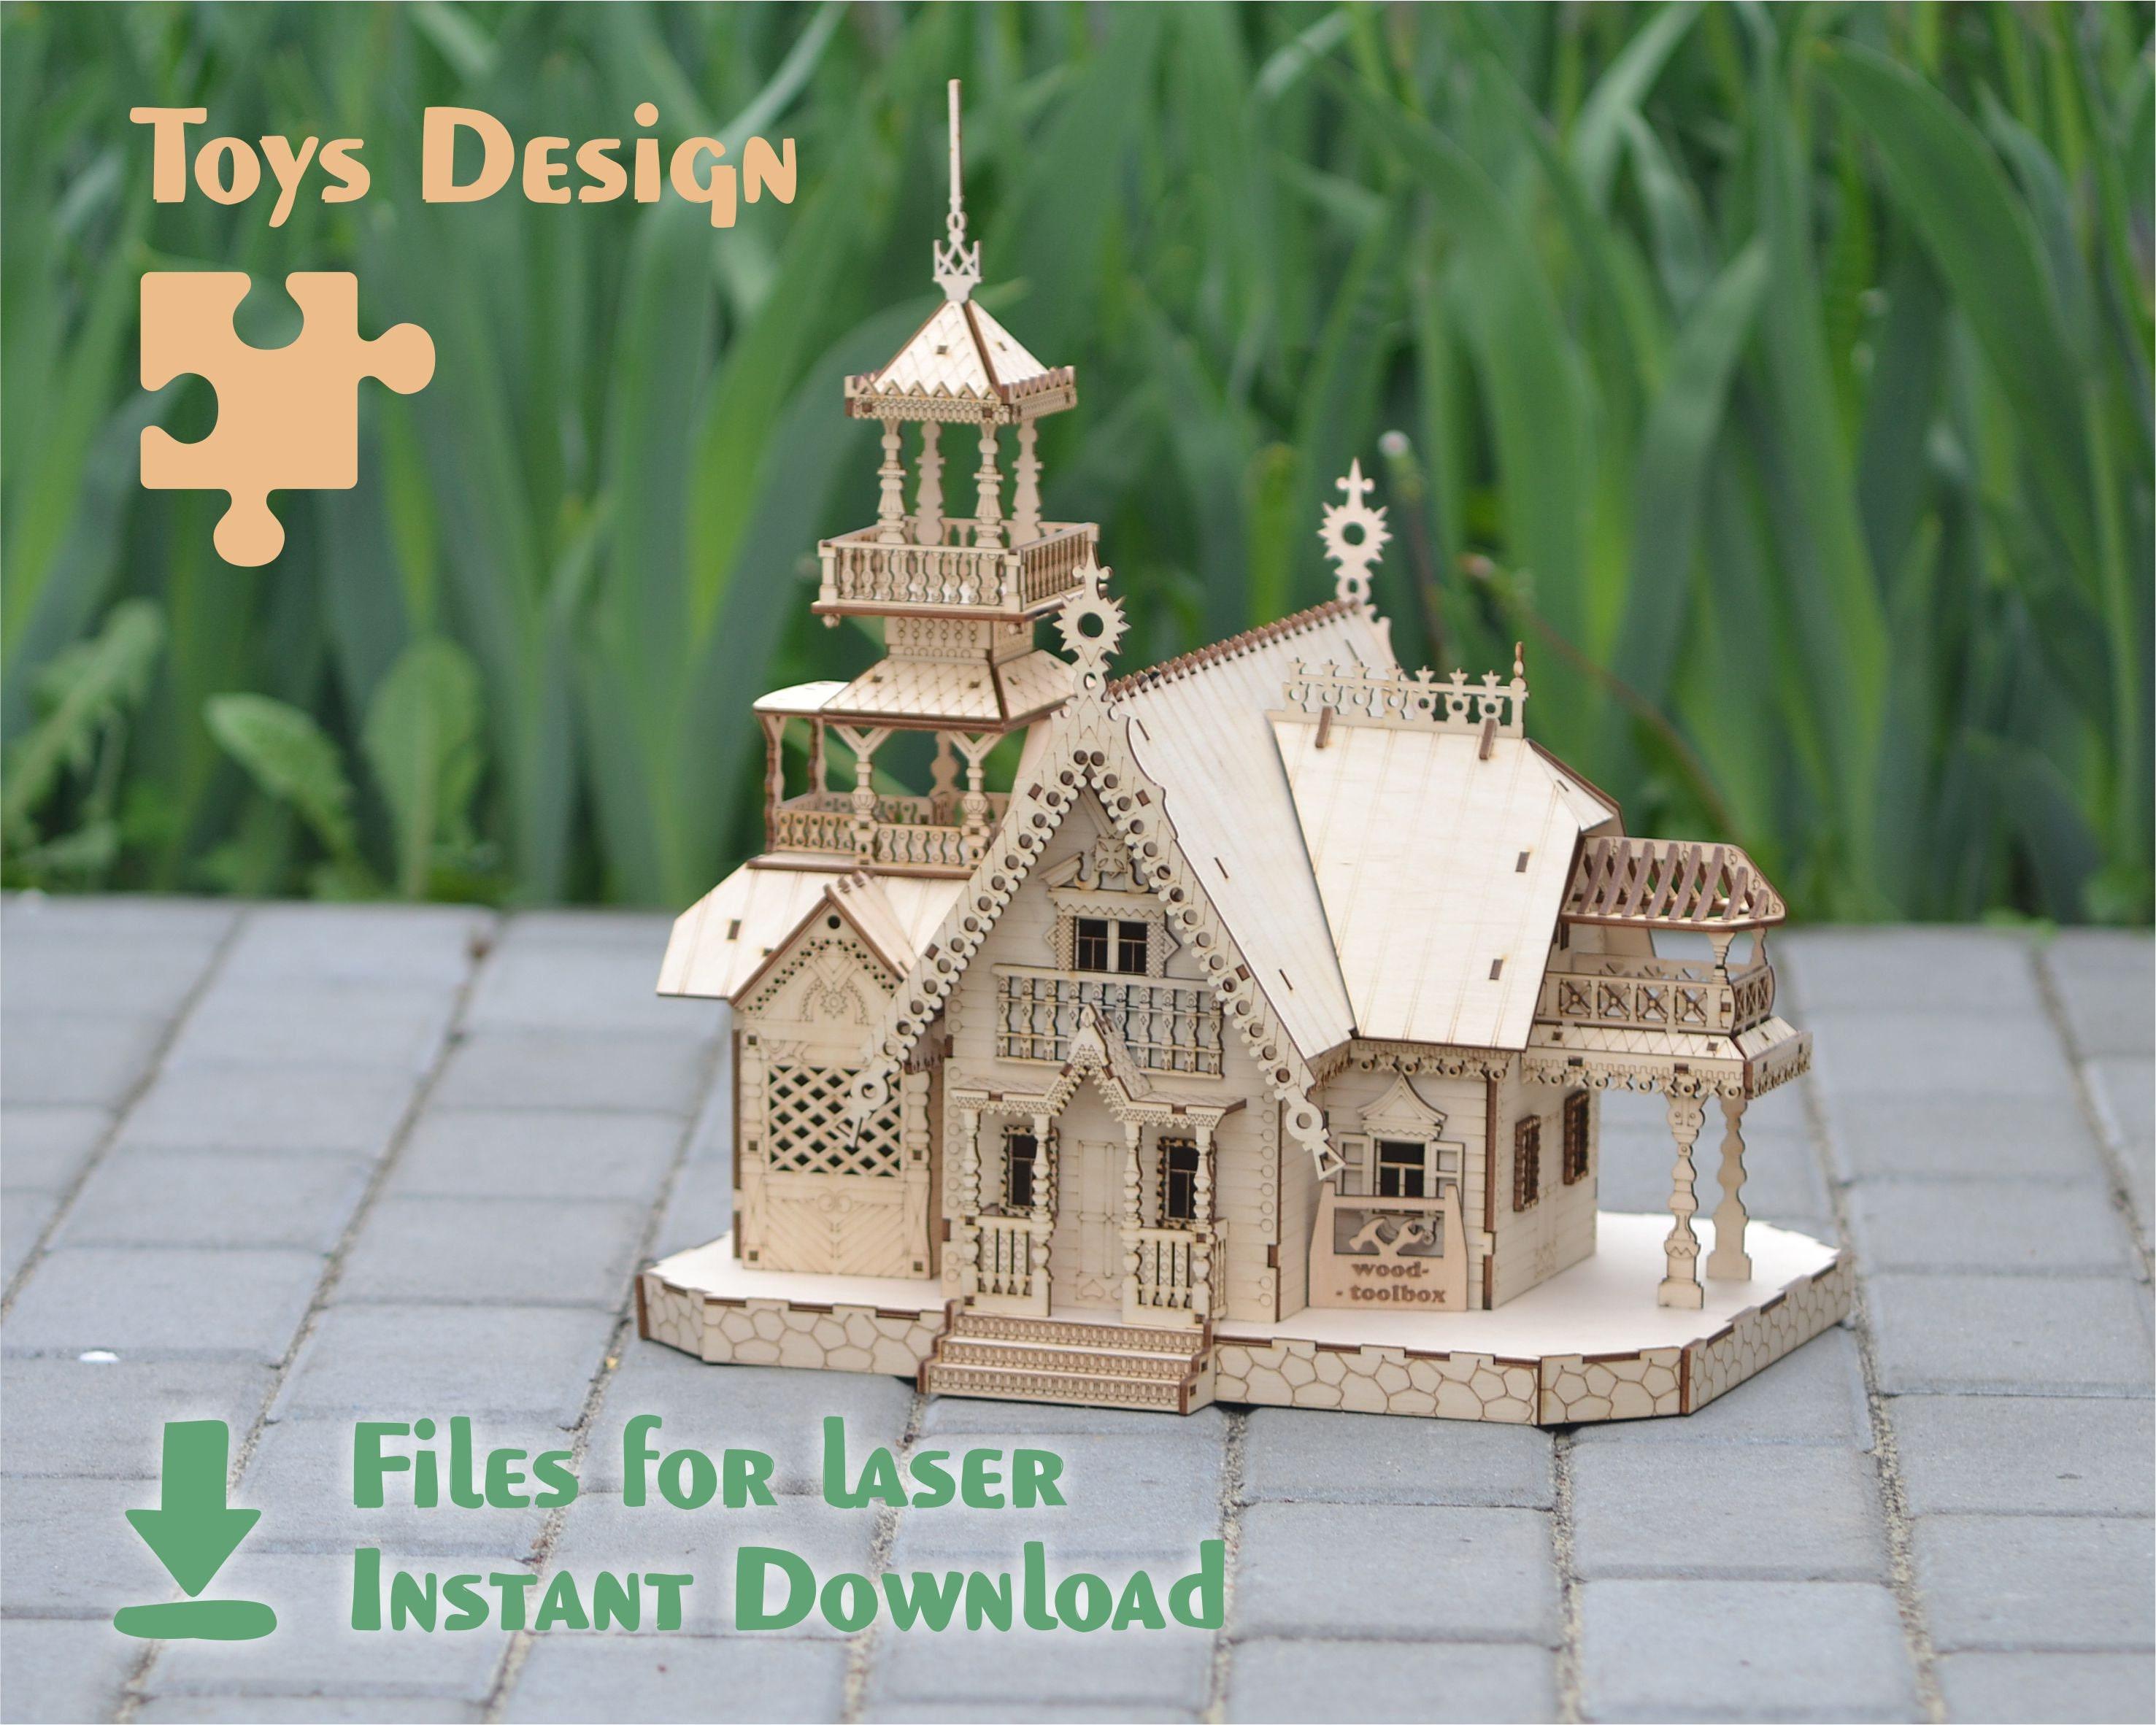 Fairytale House – Fichiers numériques pour la découpe et la gravure au laser. Conception instantanée de téléchargement pour la machine CNC. Plans et modèles